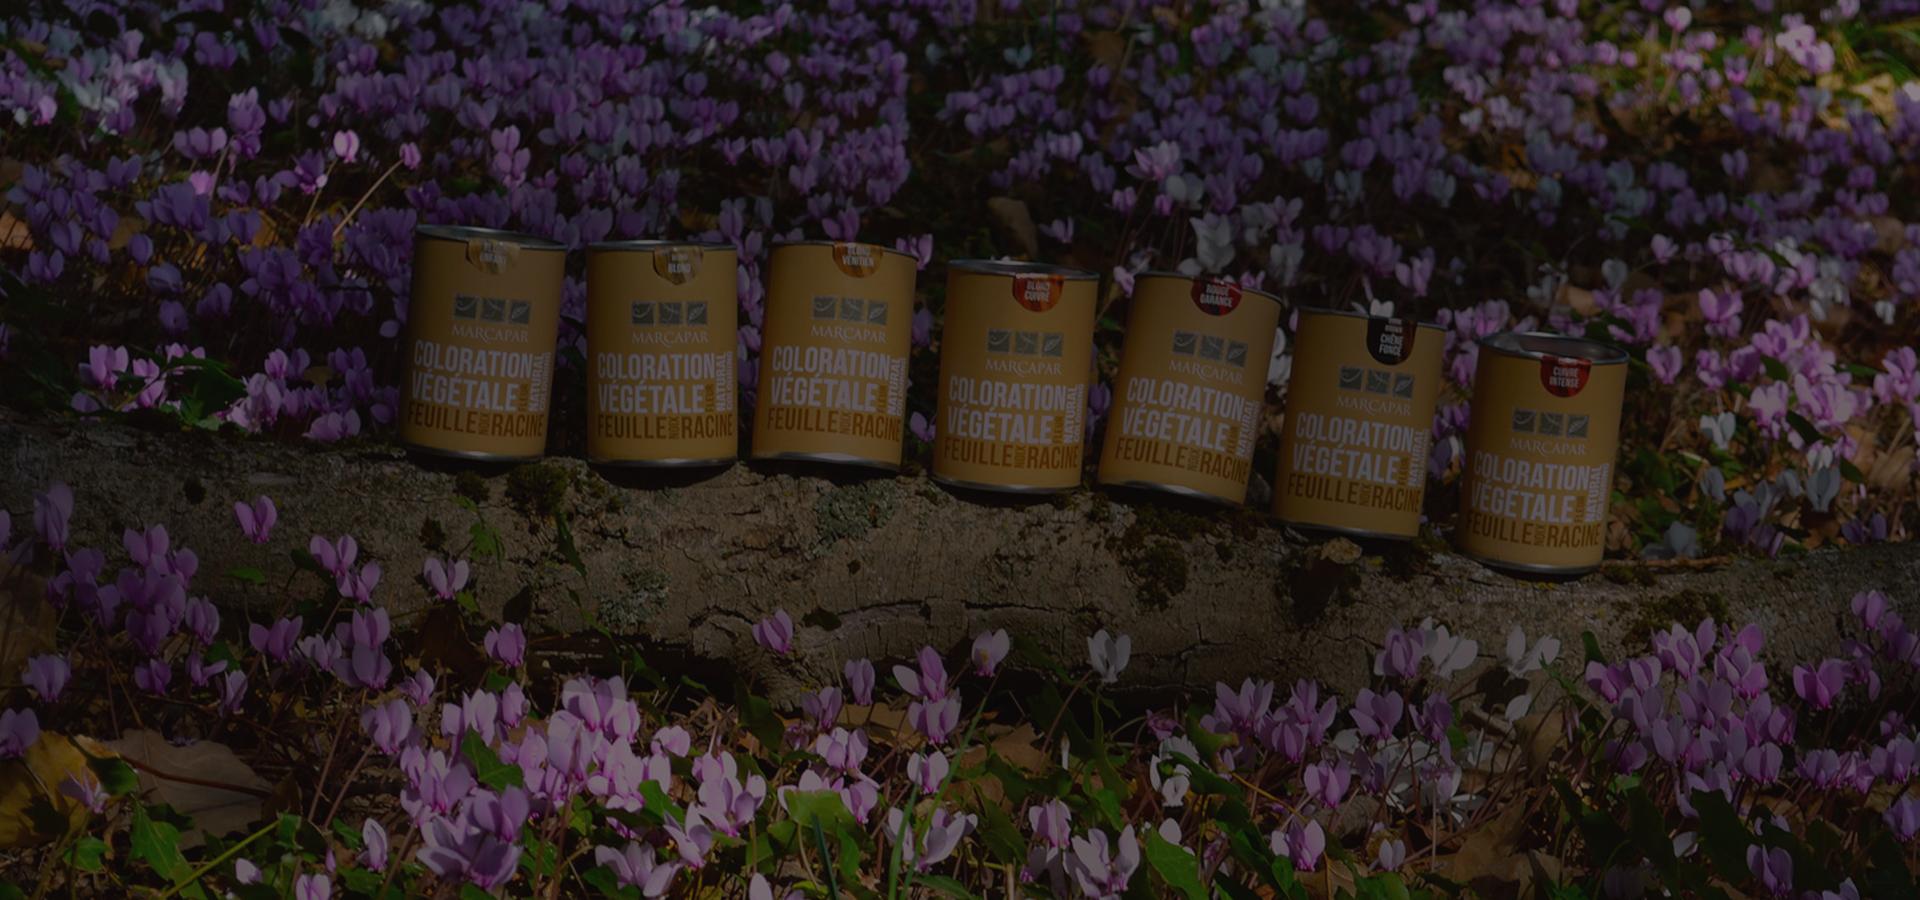 coloration-vegatale-garance-camomille-orleans-marcapar